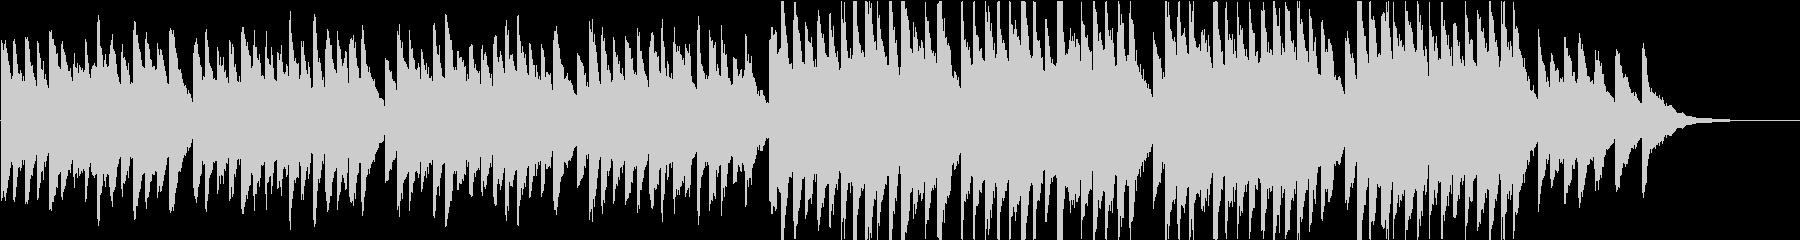 時報・チャイム風の名曲のメロディ・22の未再生の波形